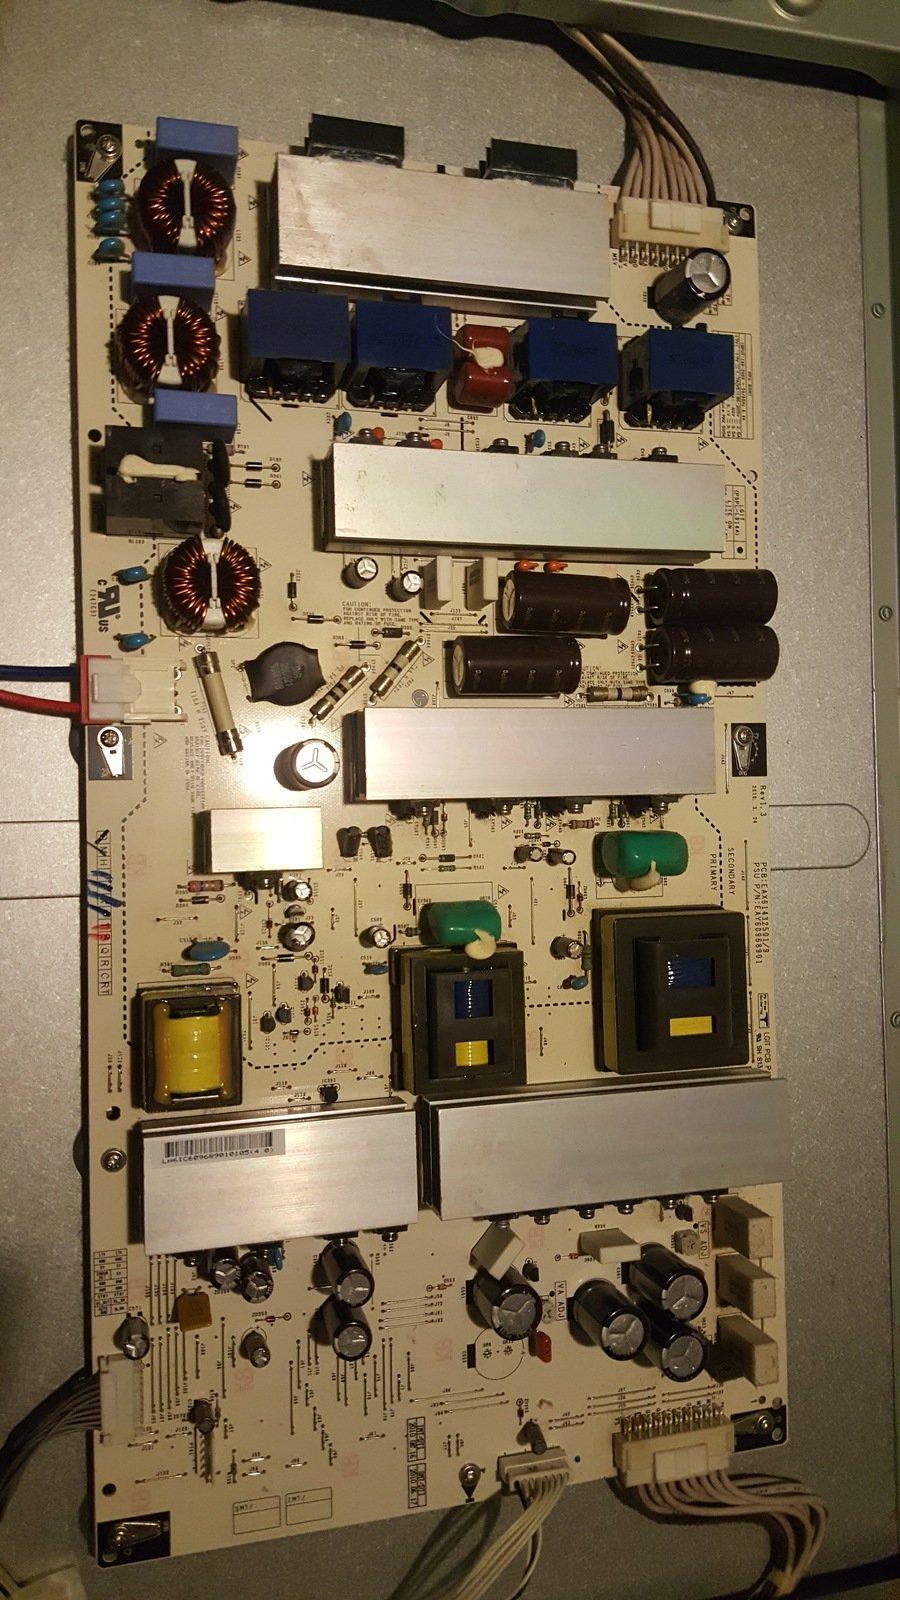 lg 60 inch plasma tv manual